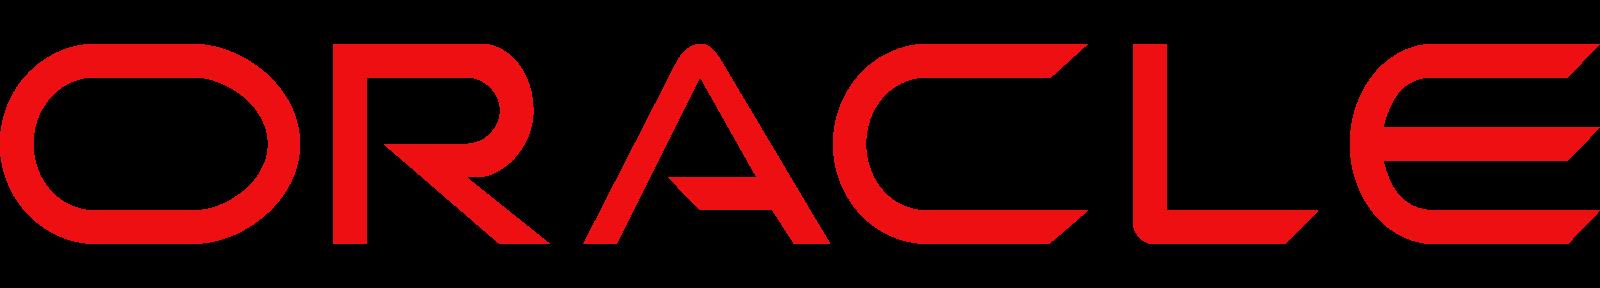 نرم افزار Oracle